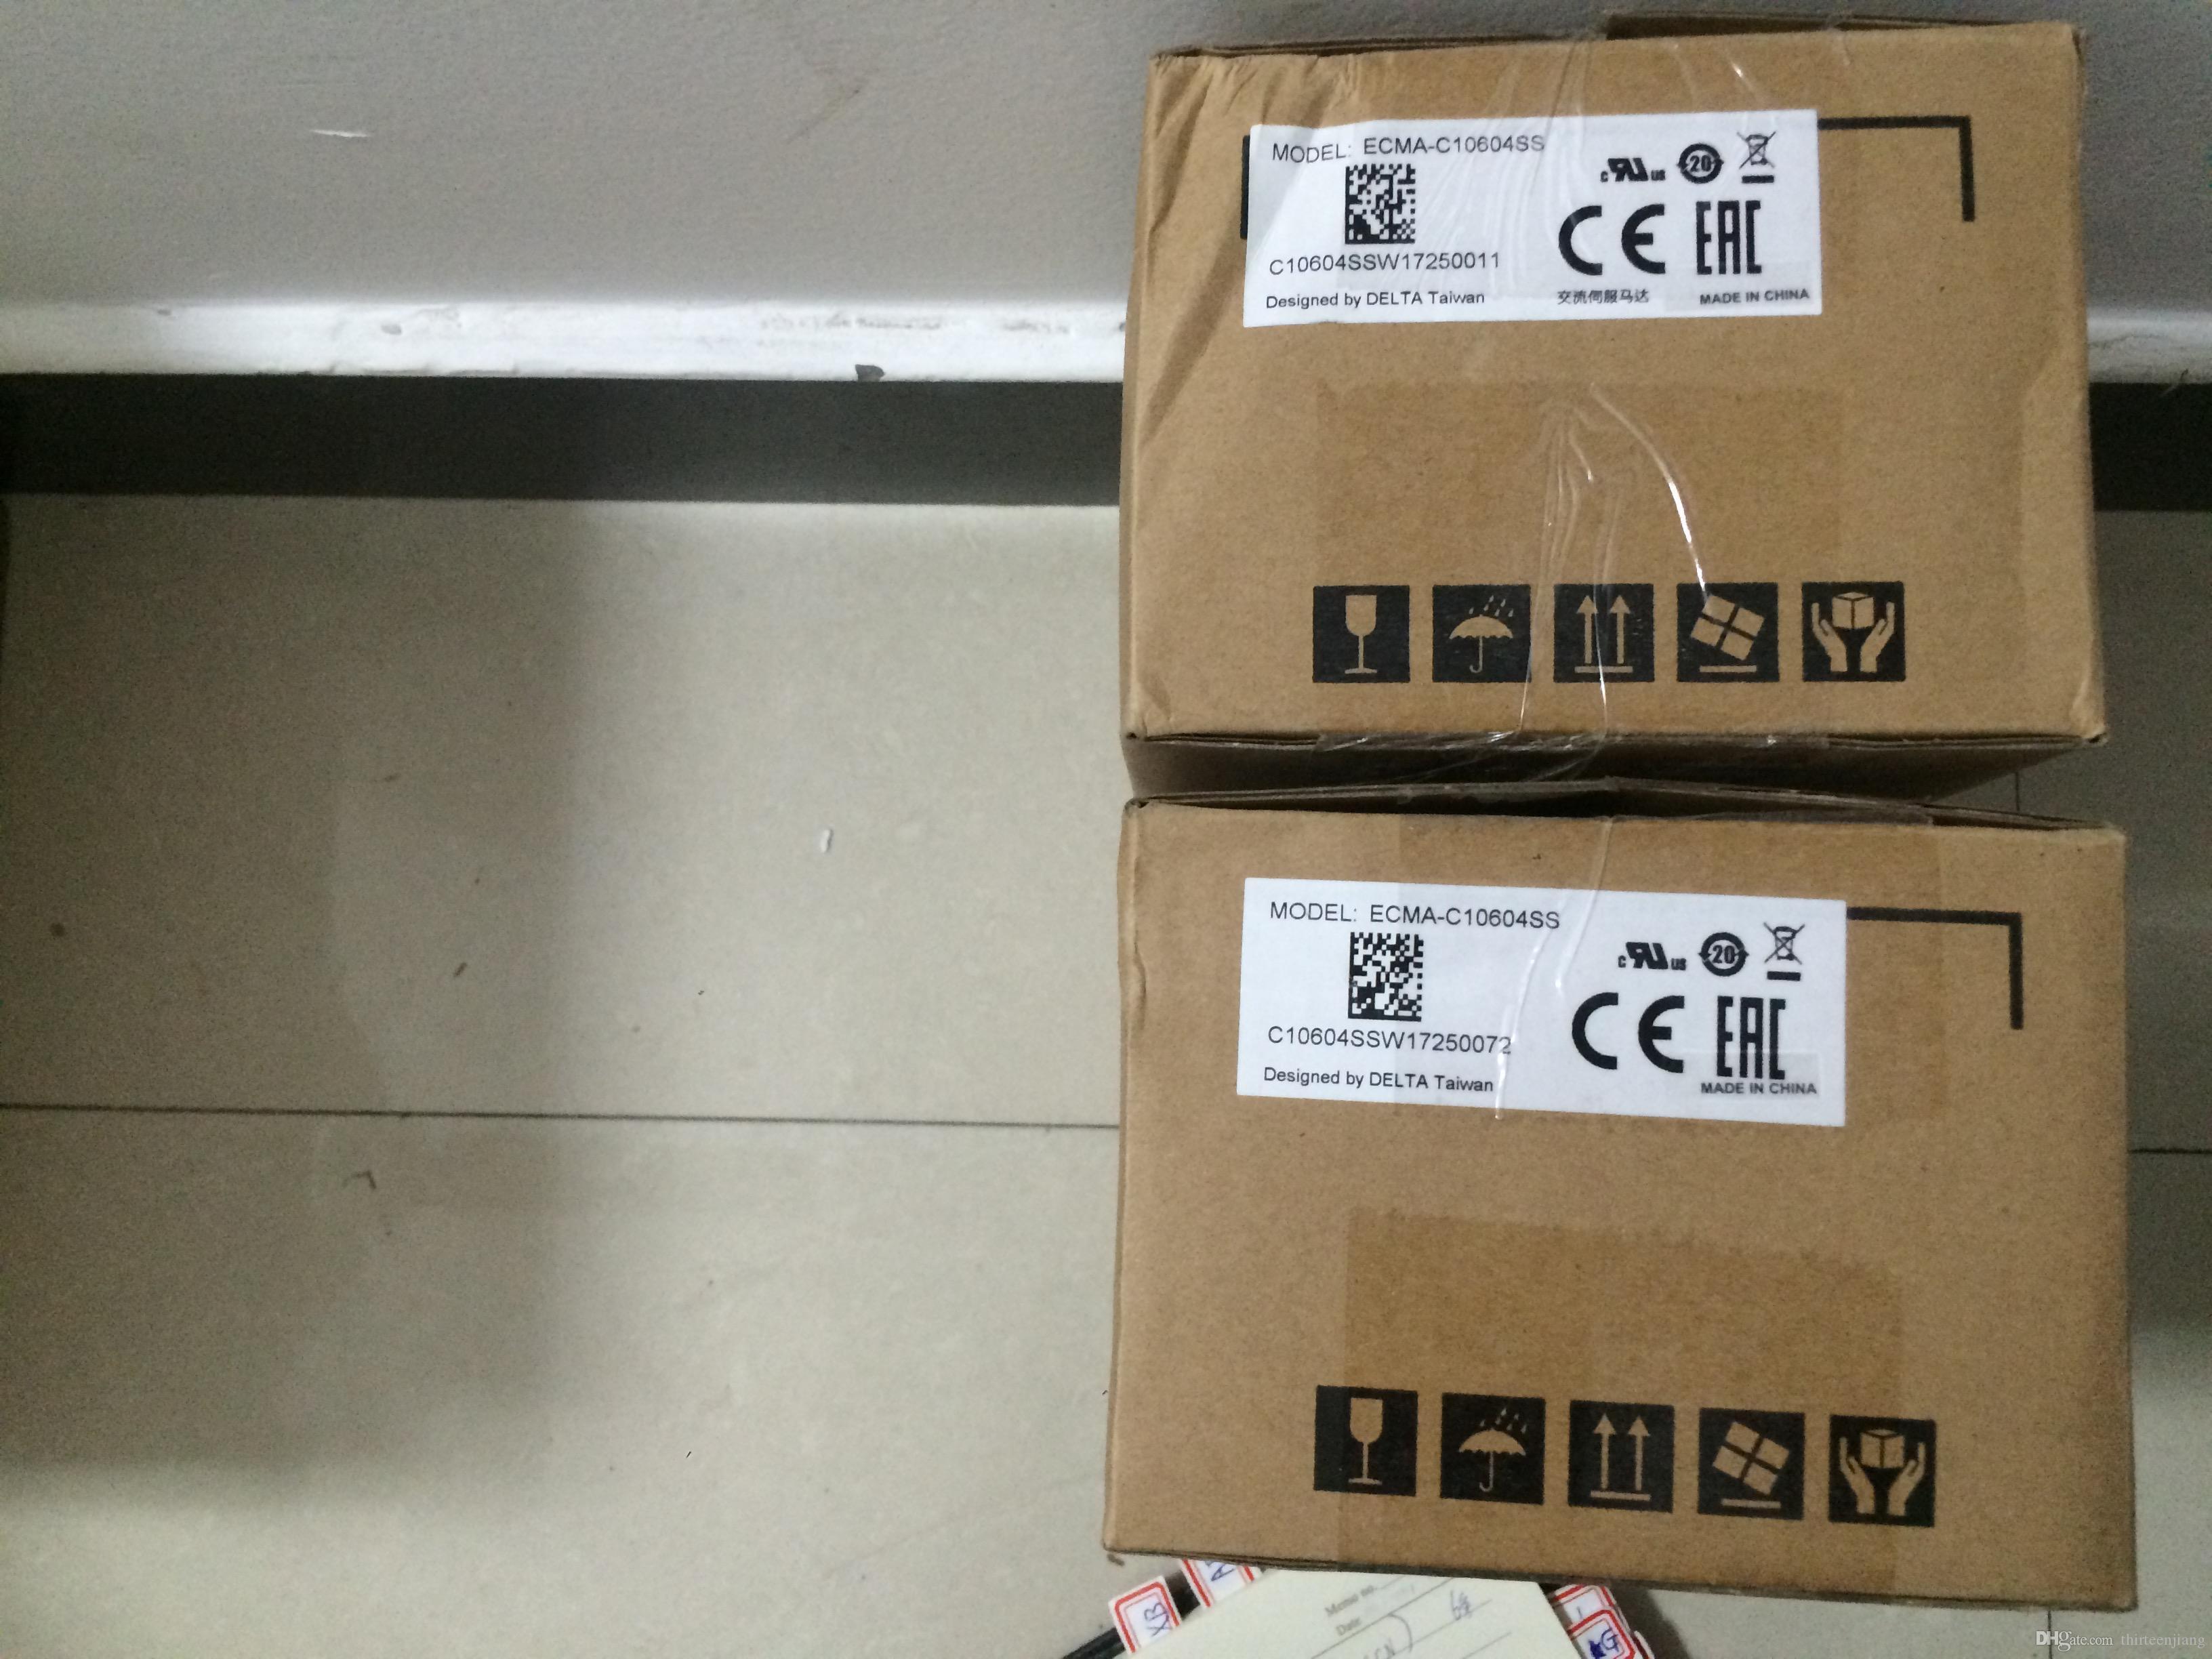 Original New In Box Delta Servo Motor ECMA-C10604RS ECMA-C10604ES ECMA-C10604SS Free Expedited Shipping